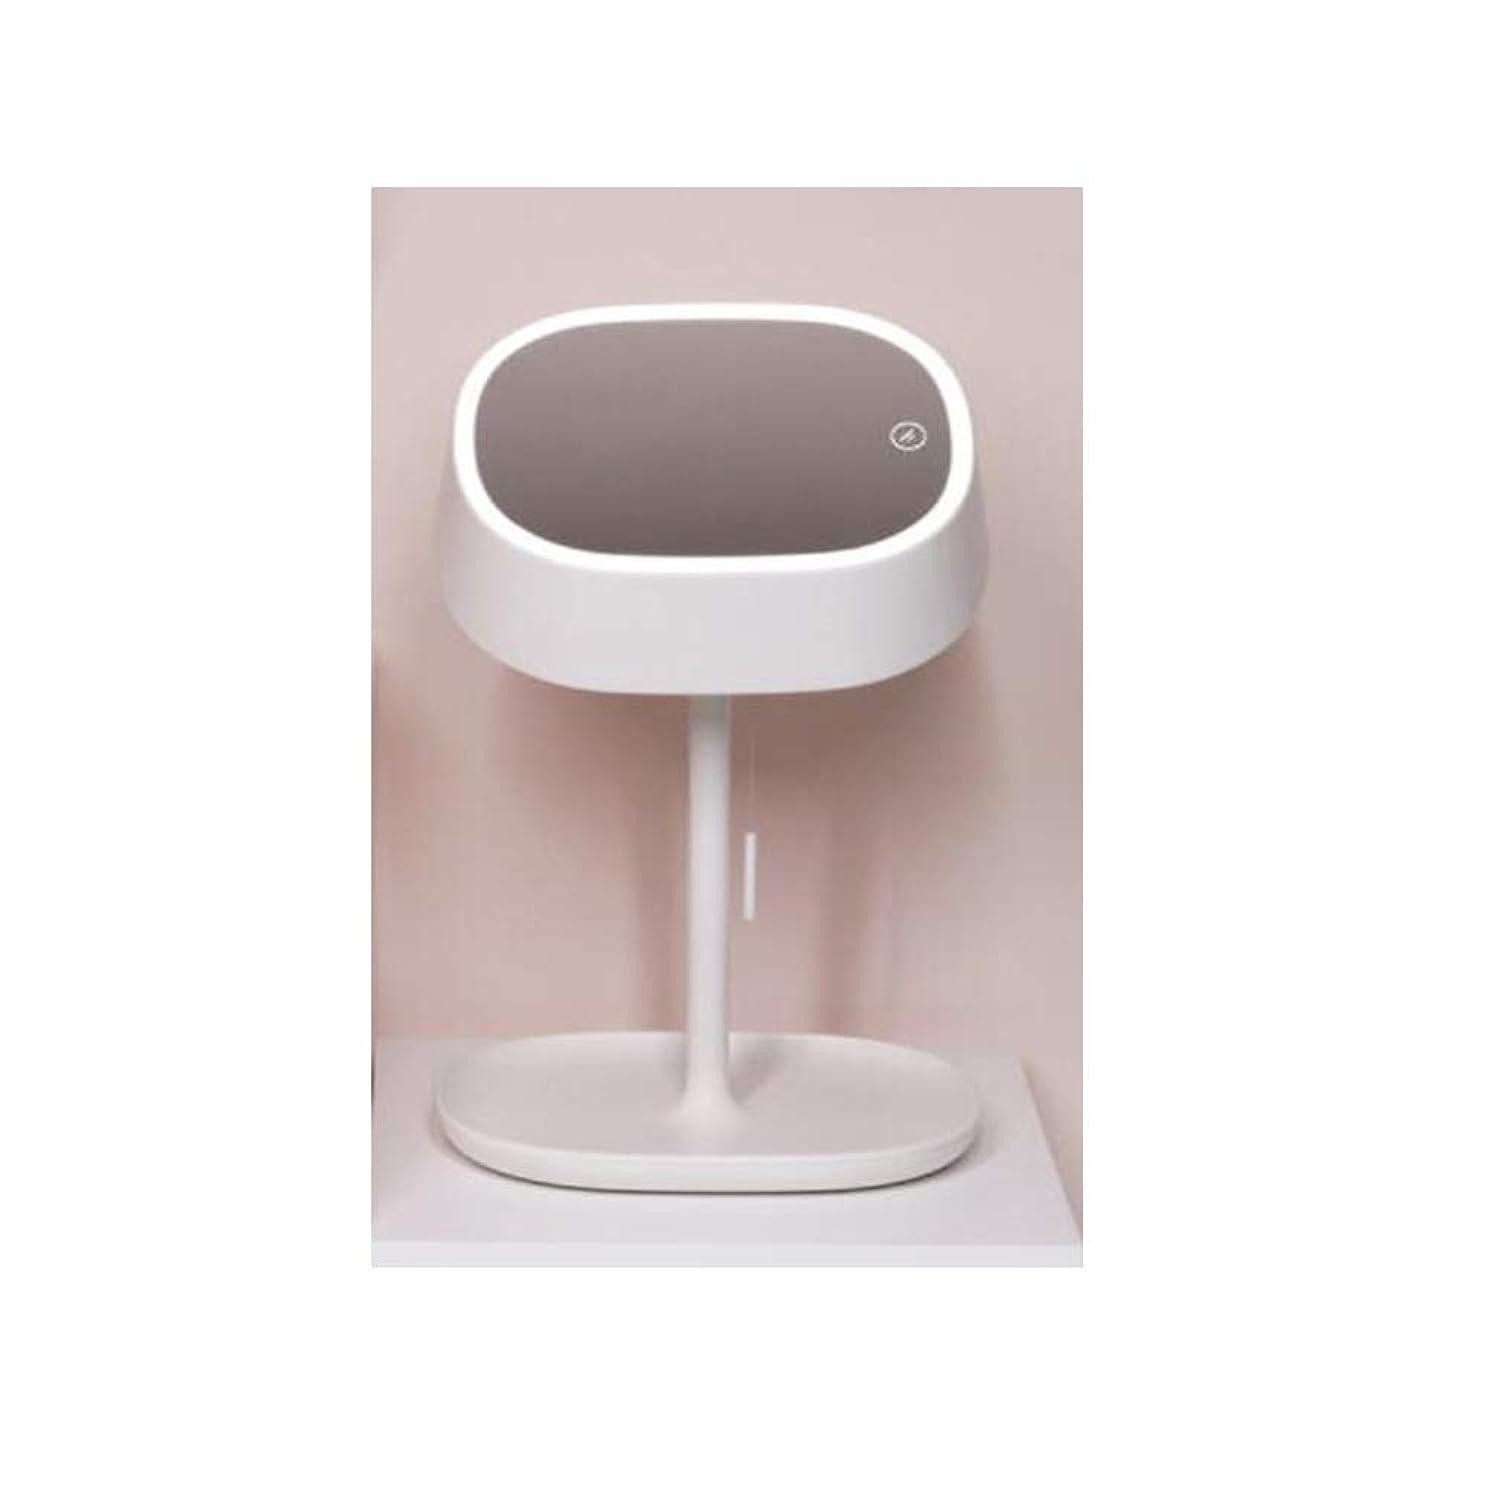 知恵彼らの主導権化粧鏡テーブルランプLEDミラーテーブルランプ充電式ベッドルームベッドサイドランプ収納美容ミラー化粧鏡 (Color : White)